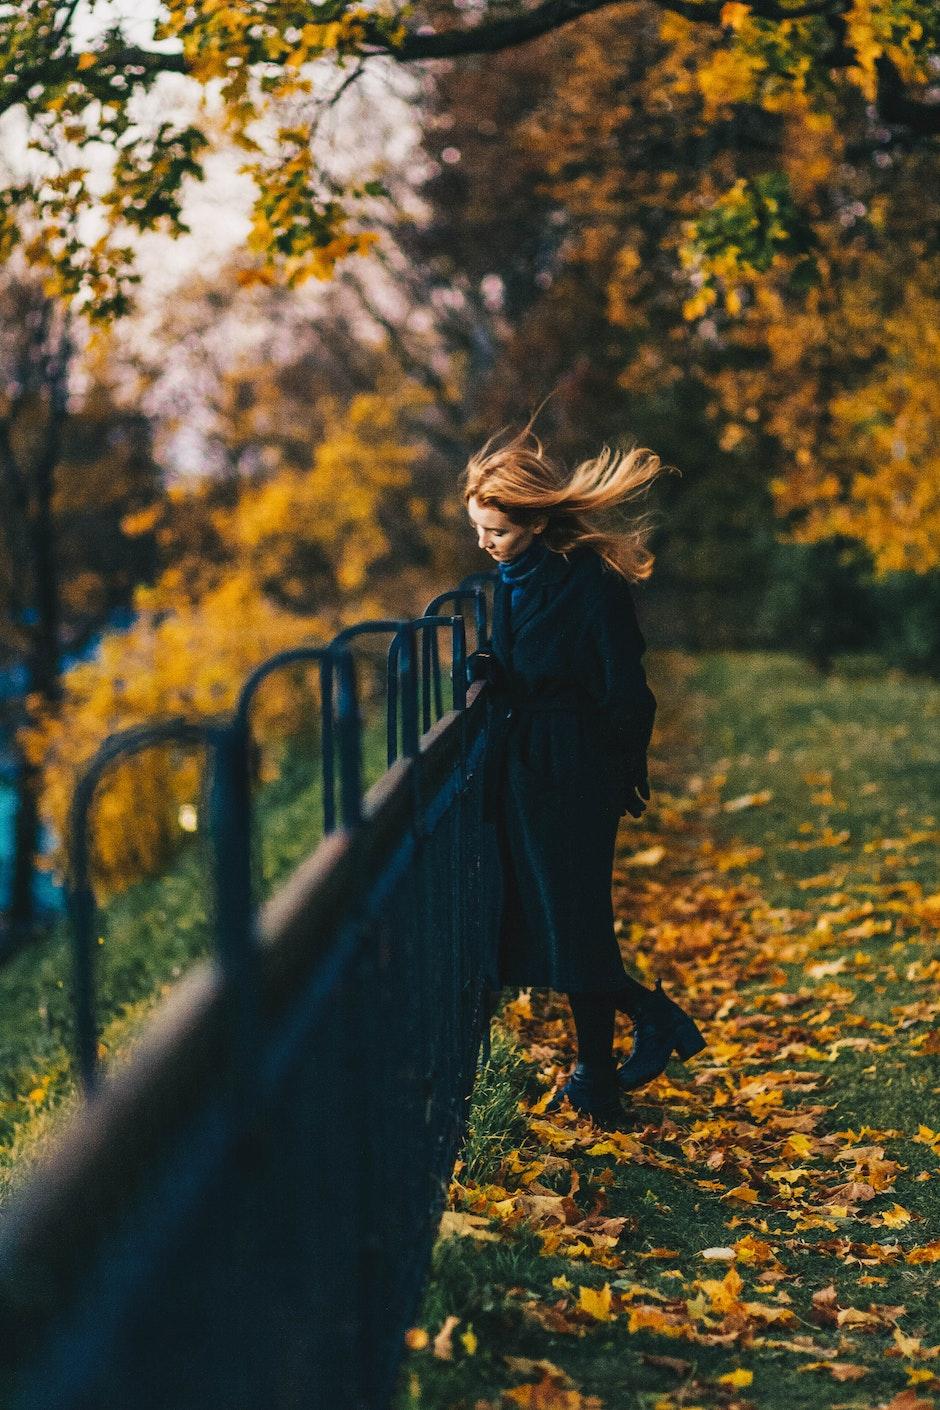 bäume, blätter, blondes haar